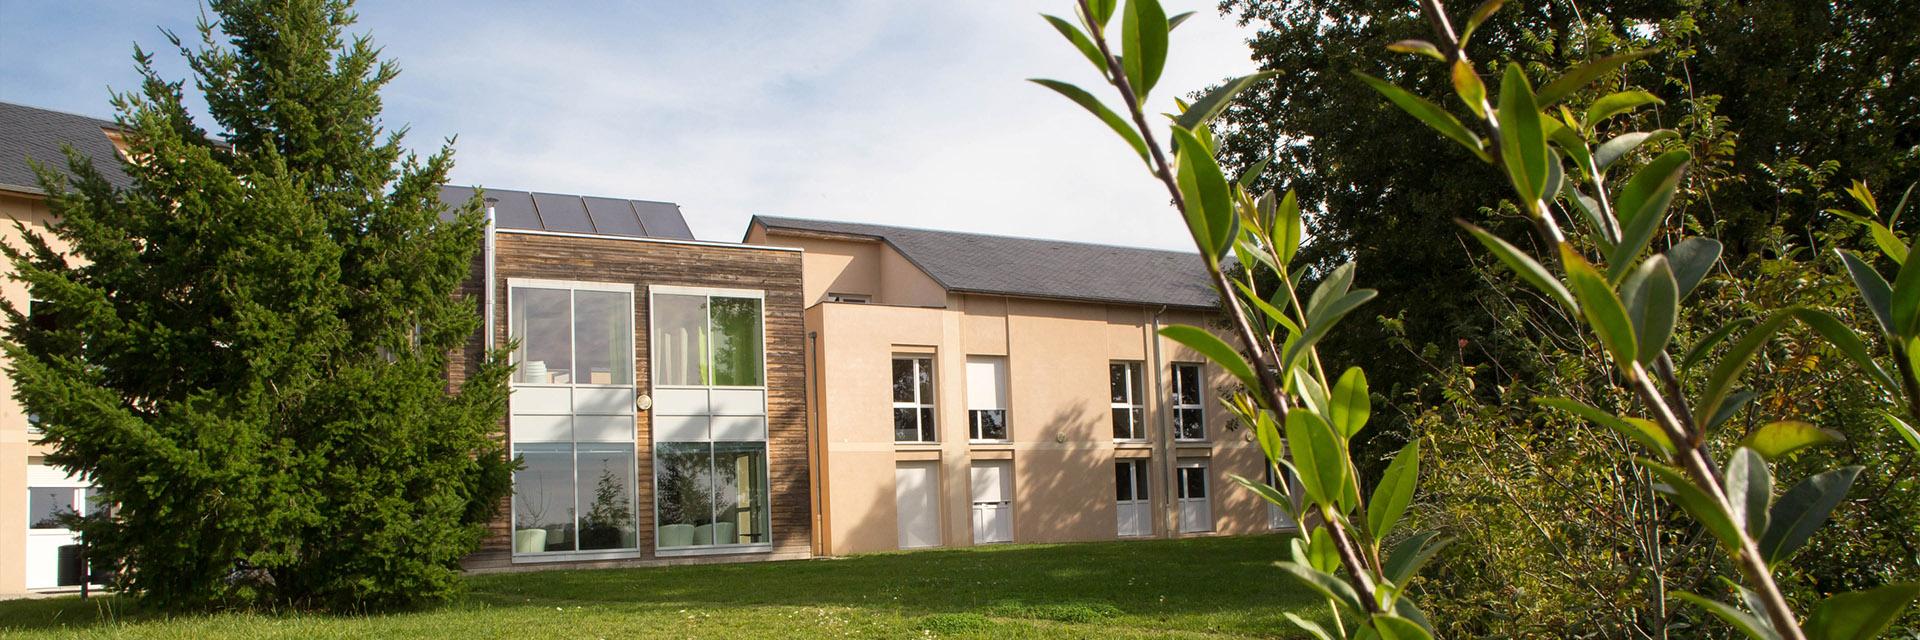 Village_club_vacances_aveyron-cantal-et-ardèche-maison-des-cent-vallées-exterier